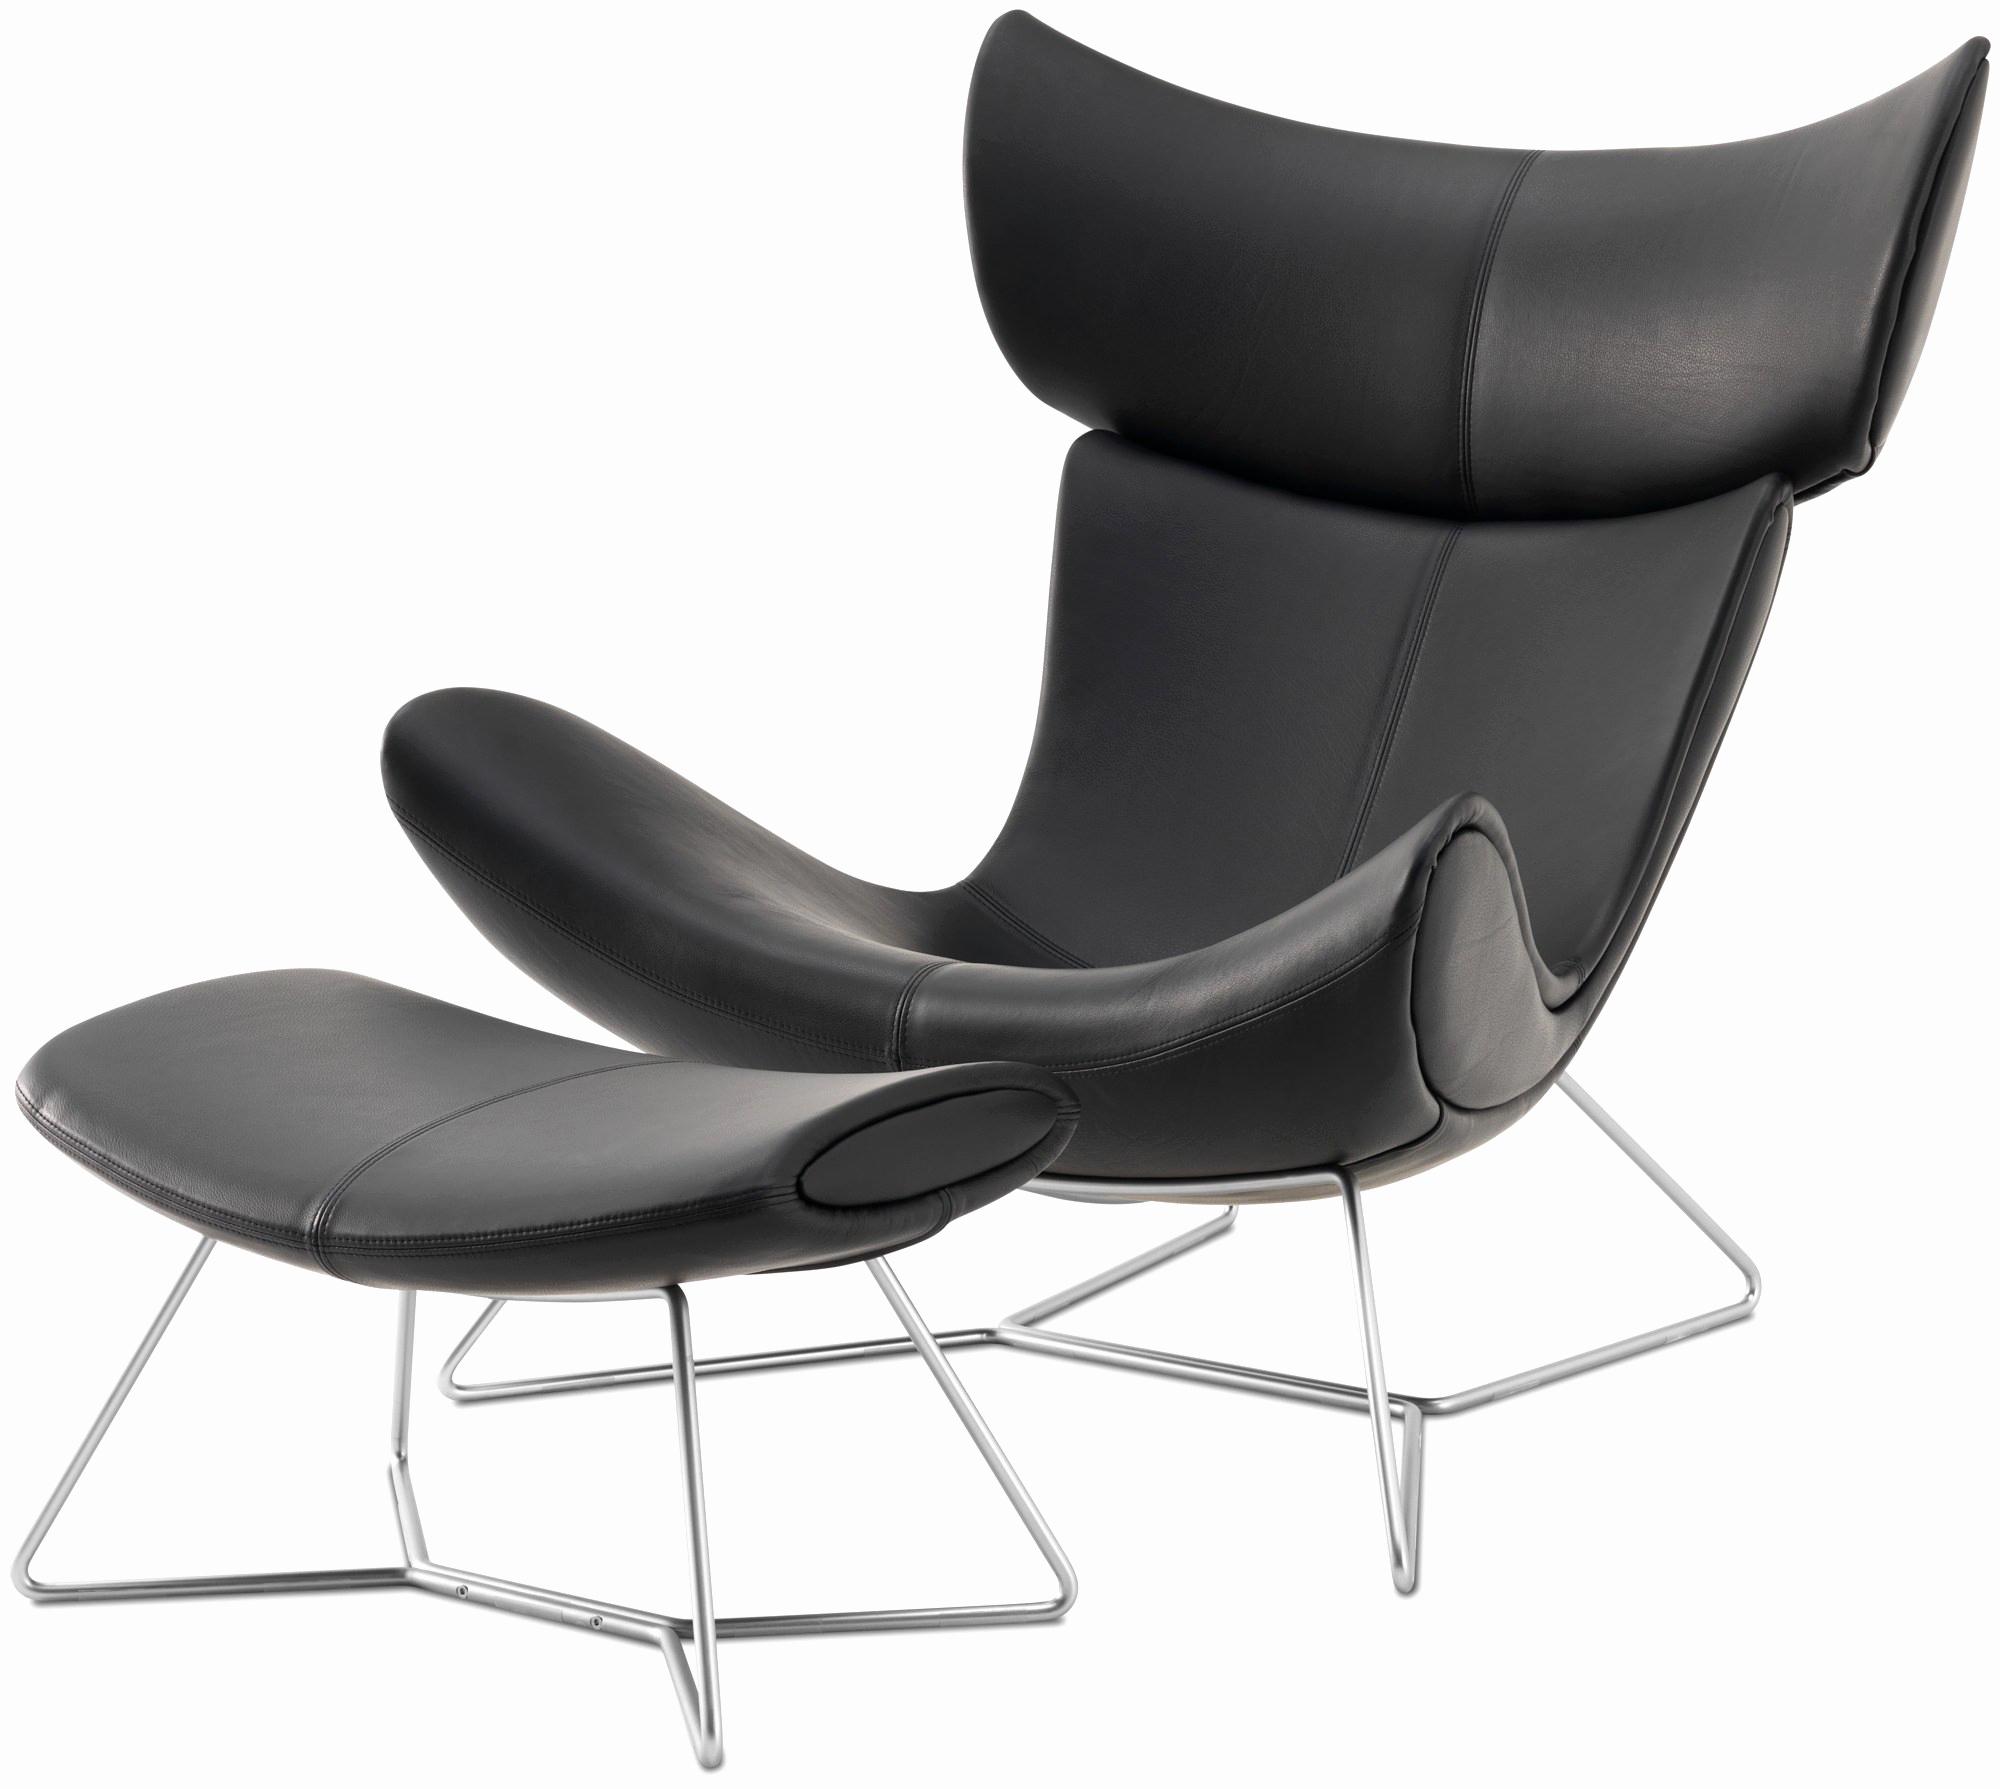 Chaise Transparente but Beau Photographie Chaise Transparente Rouge Luxe but Chaise De Bureau Design D Intérieur